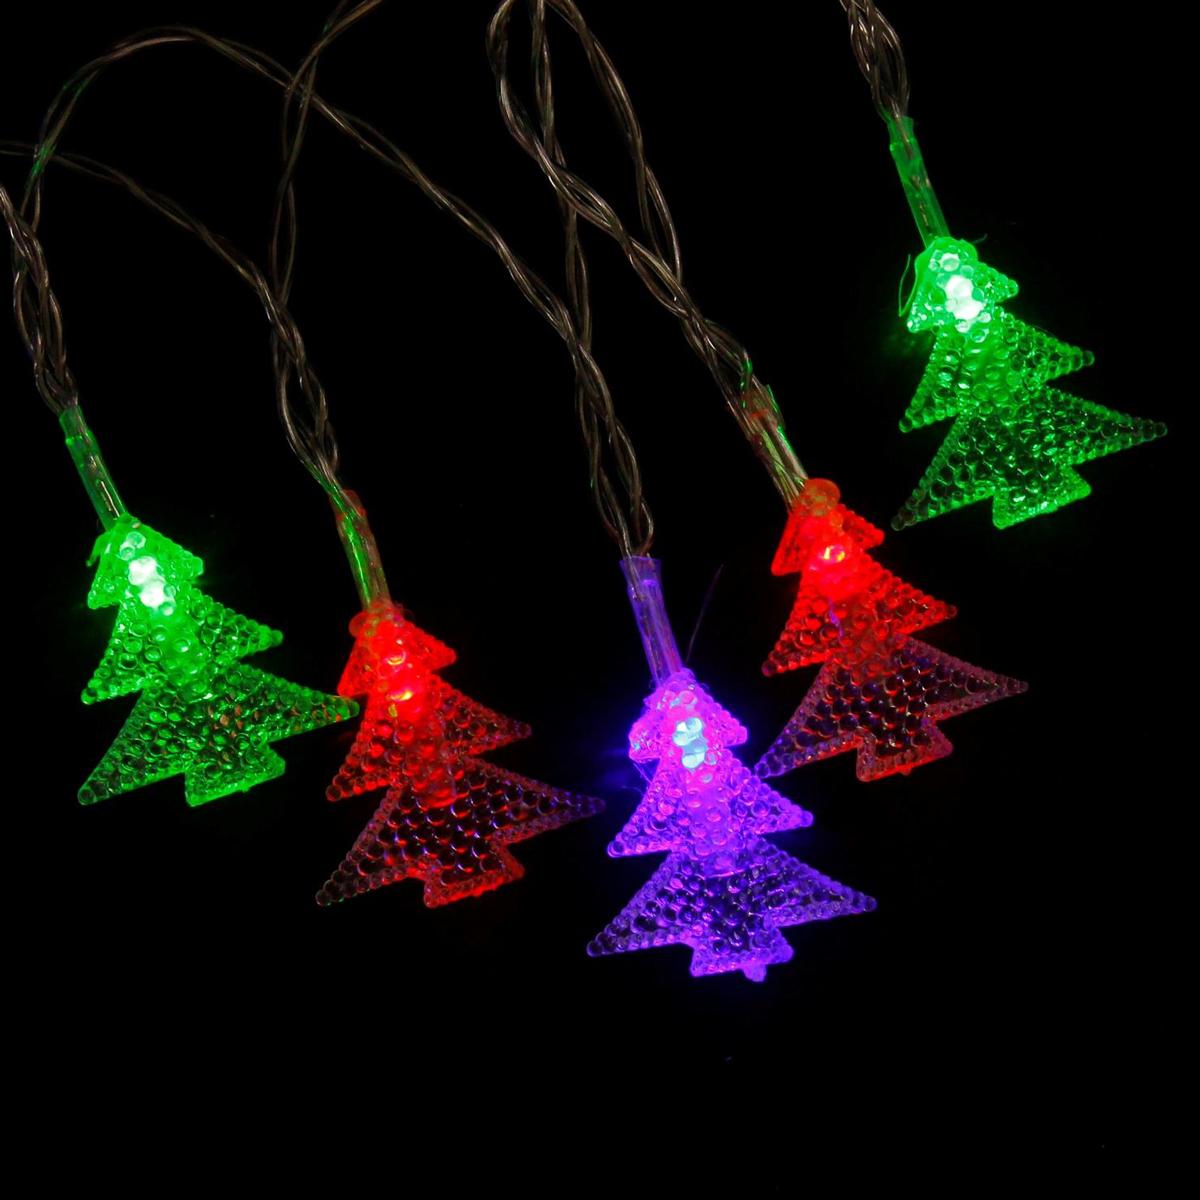 Гирлянда светодиодная Luazon Метраж. Елки, 20 ламп, 3,6 V, длина 3 м806826Светодиодные гирлянды и ленты — это отличный вариант для новогоднего оформления интерьера или фасада. С их помощью помещение любого размера можно превратить в праздничный зал, а внешние элементы зданий, украшенные ими, мгновенно станут напоминать очертания сказочного дворца. Такие украшения создают ауру предвкушения чуда. Деревья, фасады, витрины, окна и арки будто специально созданы, чтобы вы украсили их светящимися нитями.